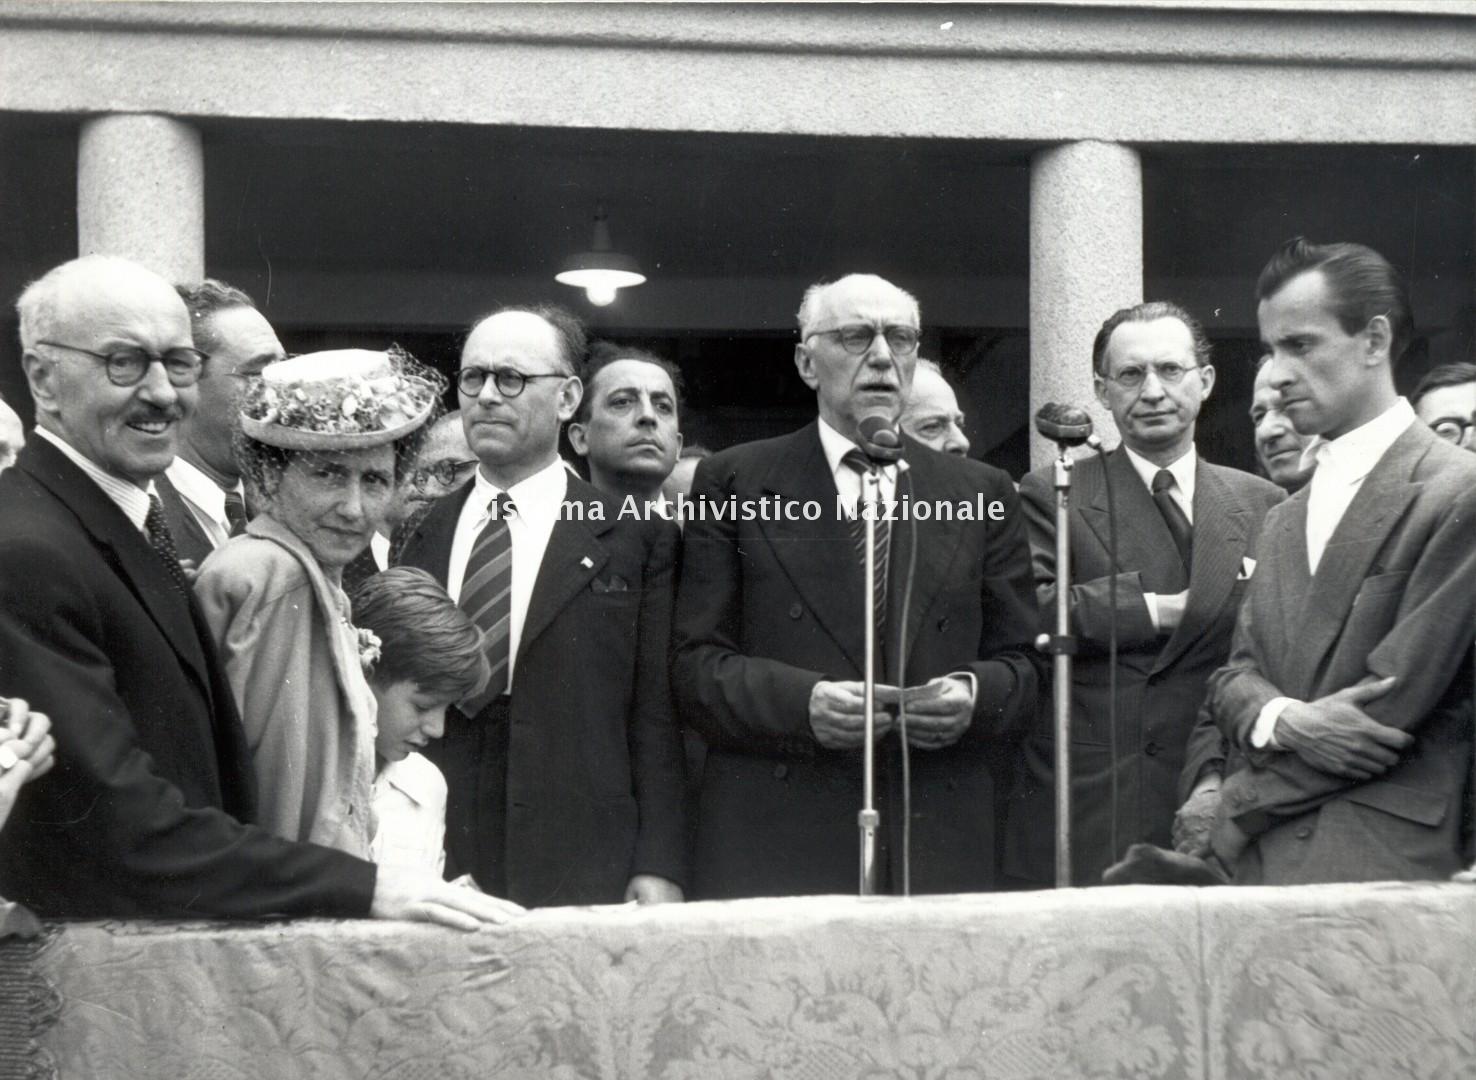 Fiera Campionaria, inaugurazione, Milano 1947